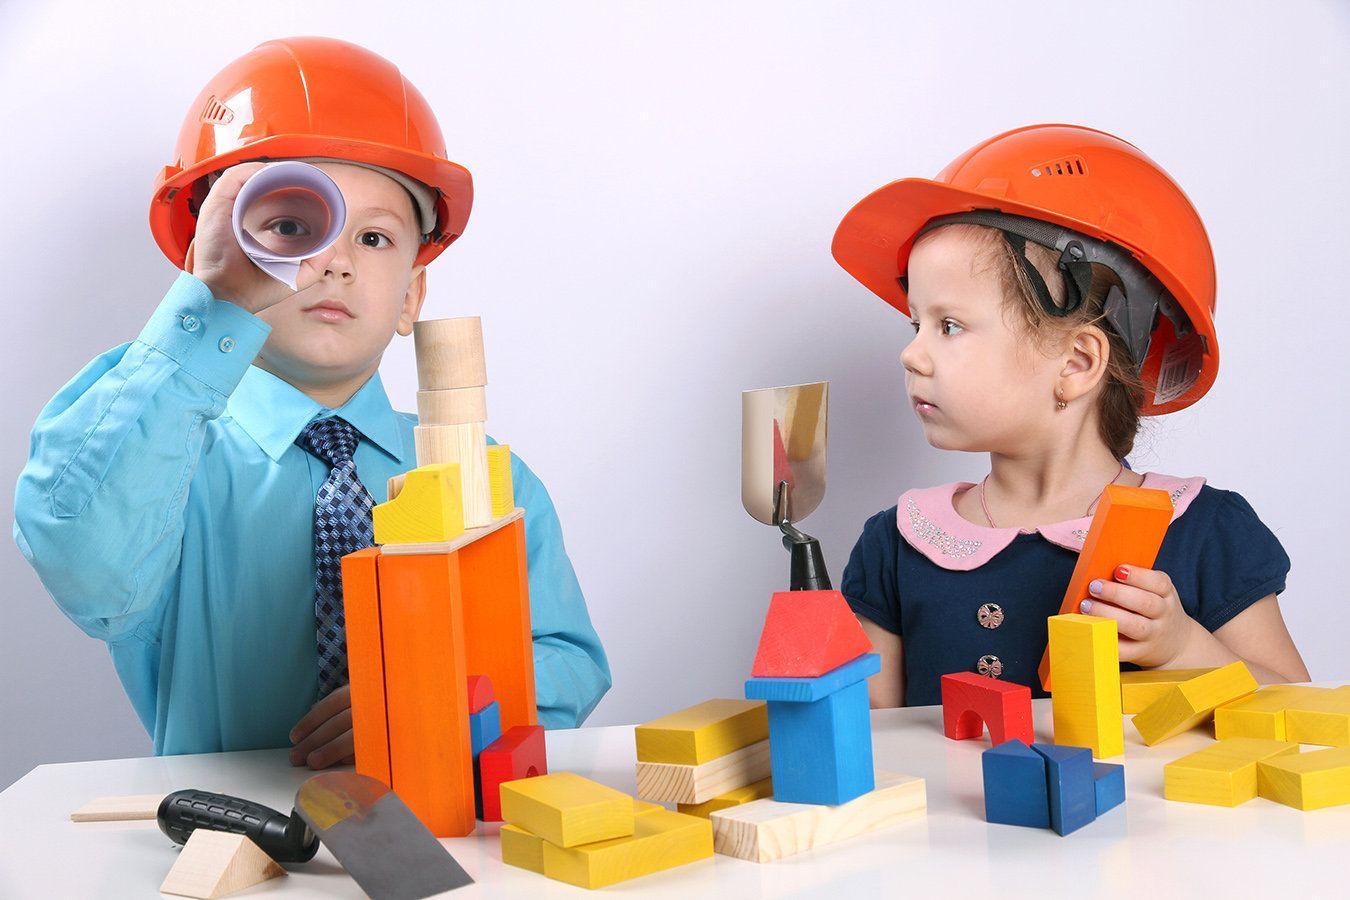 Маленькие дети используют инструменты, полагаясь на основные законы физики